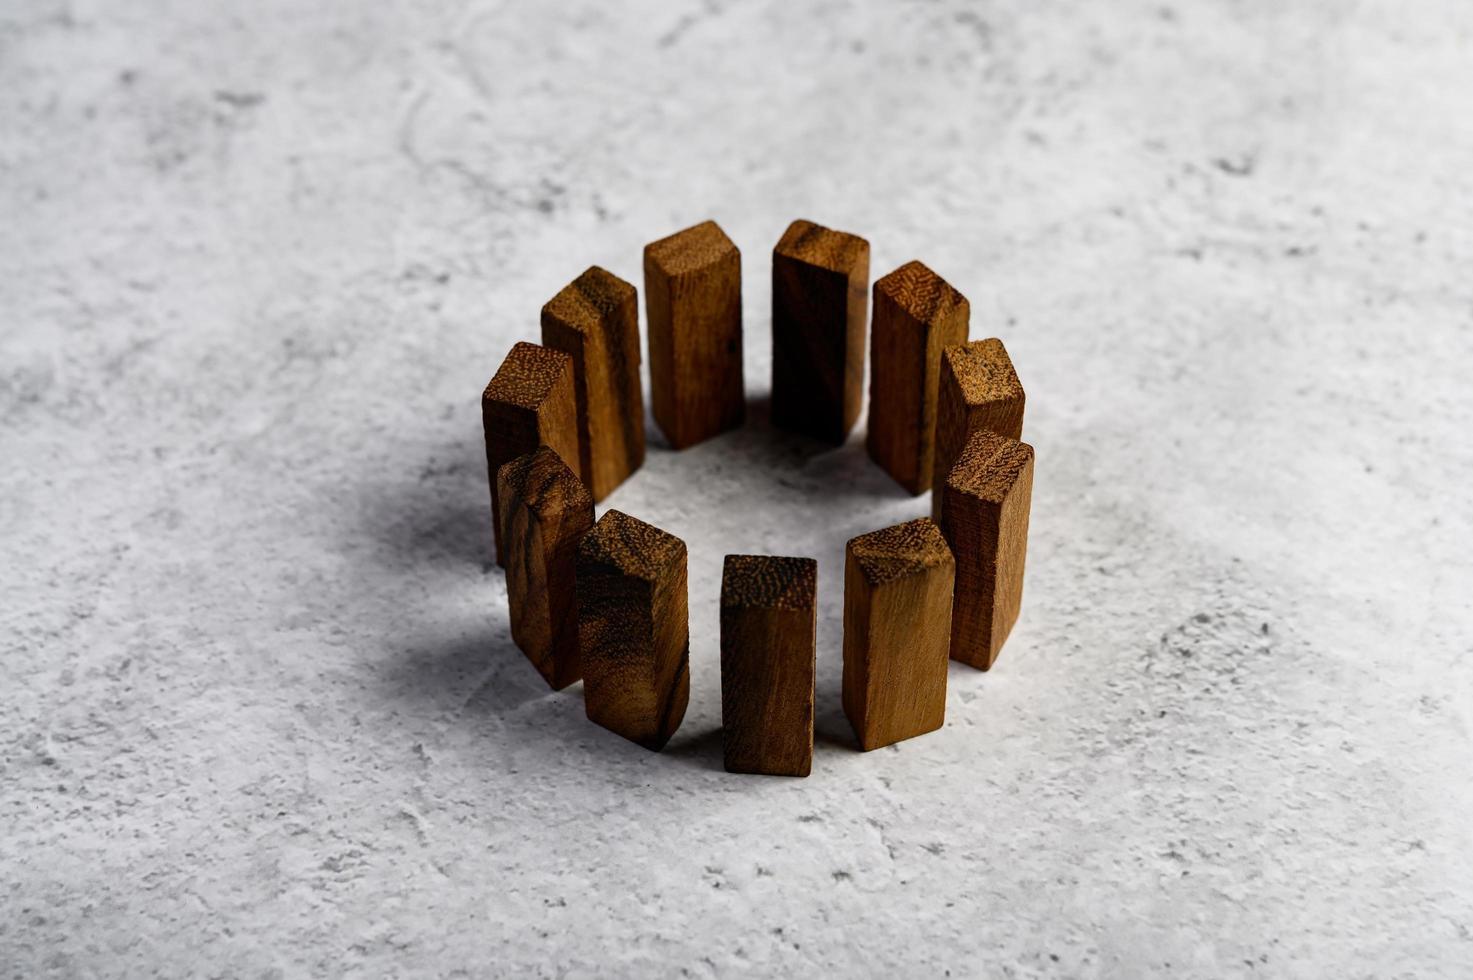 Holzklötze, die für Domino-Spiele verwendet werden foto